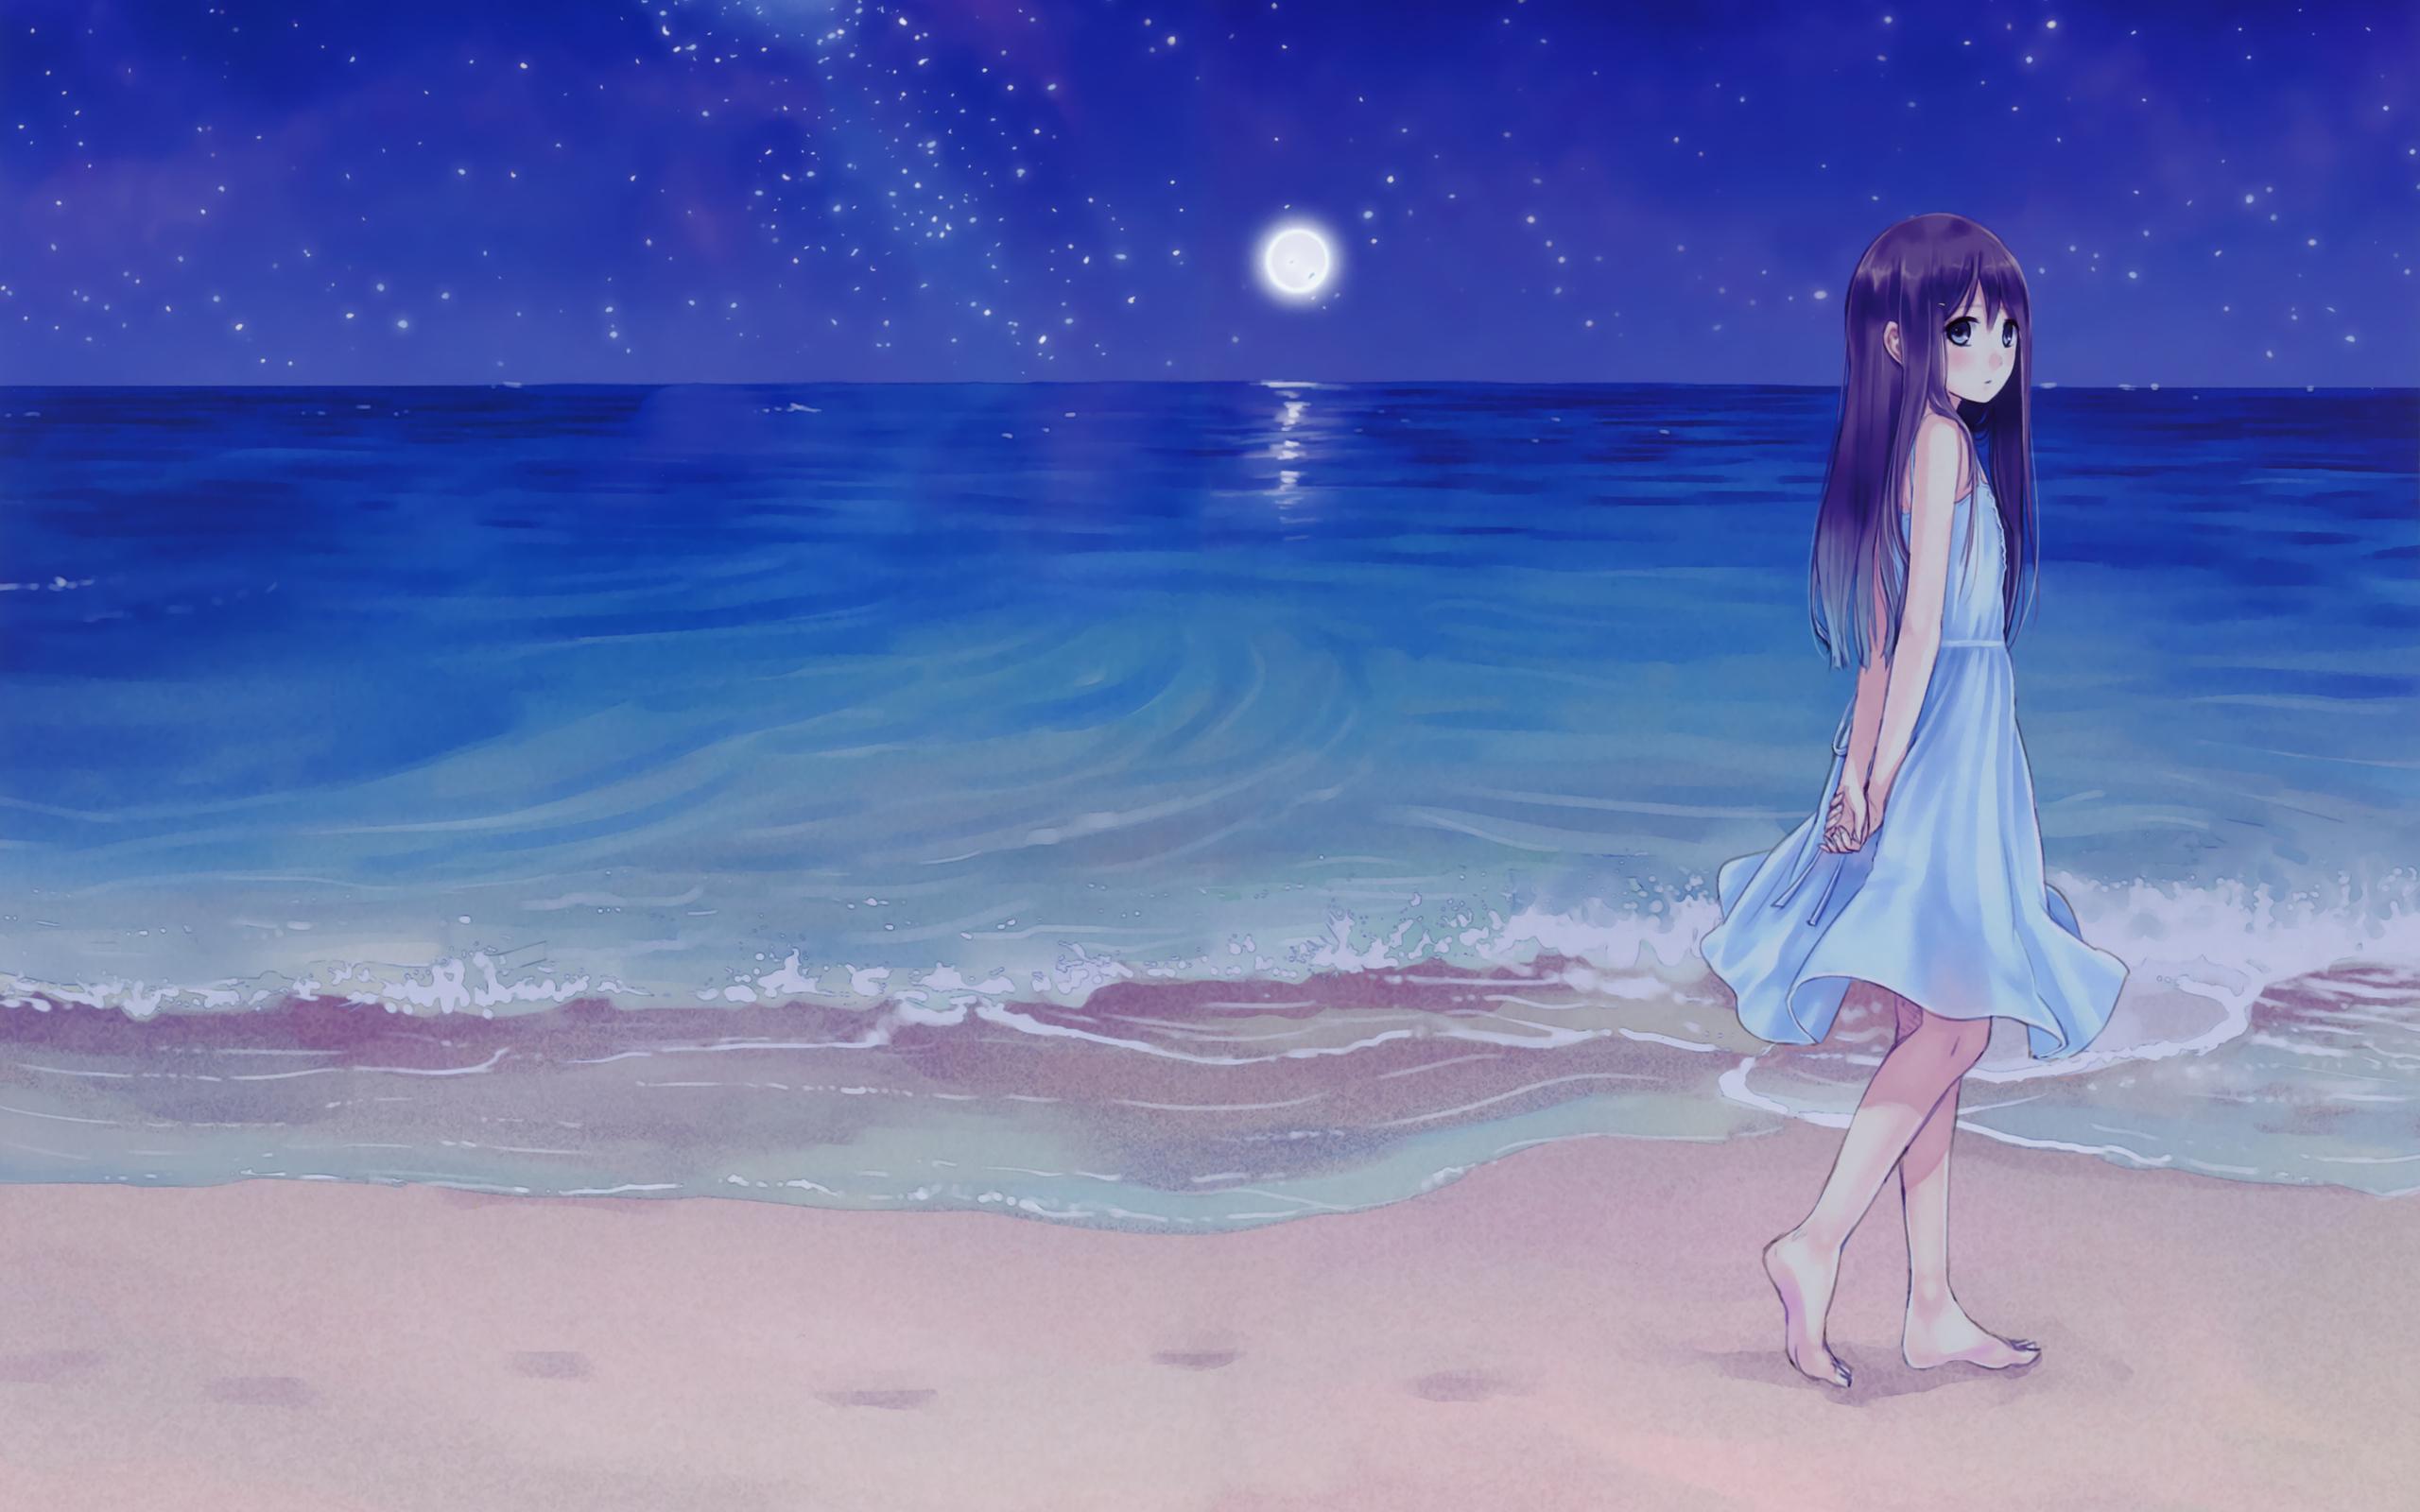 Hình ảnh Anime cô đơn trên bờ biển